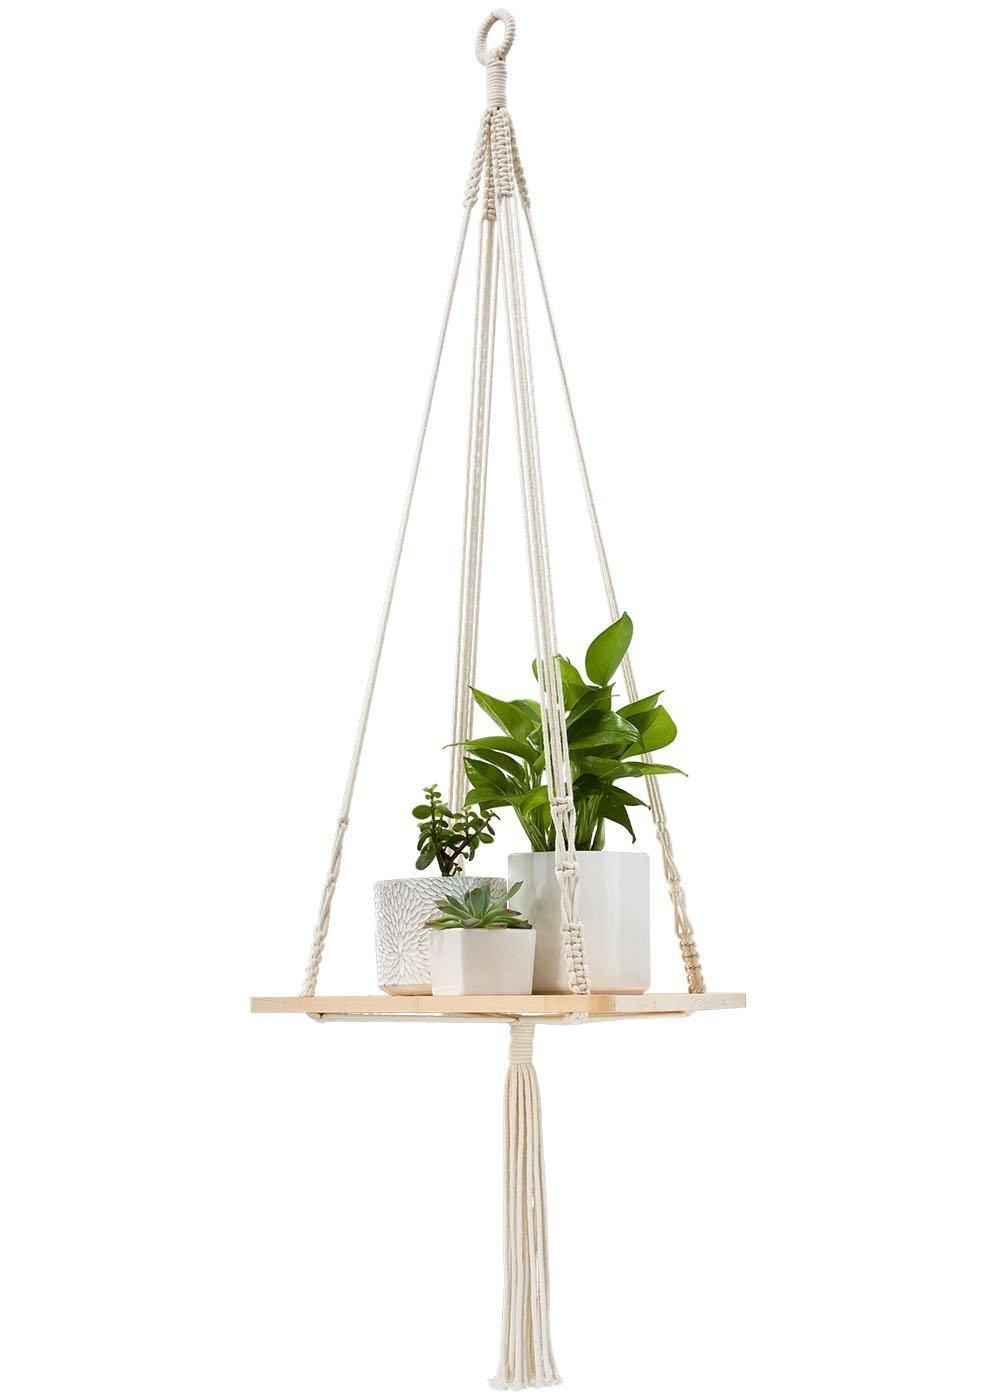 Macrame Hanging Shelf | Amazon